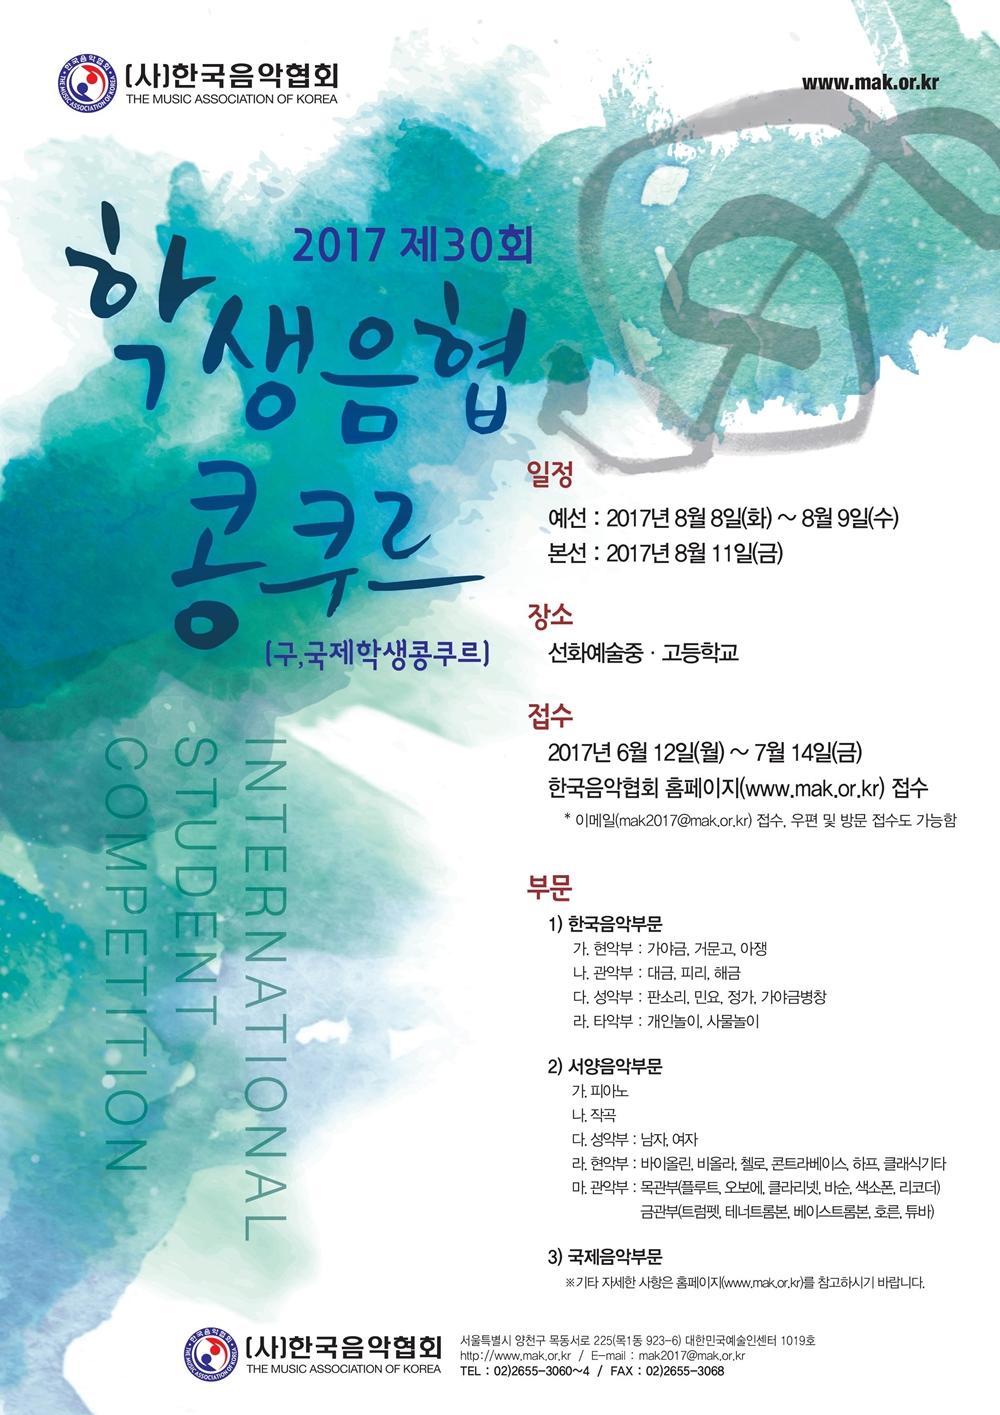 [업로드용]2017학생음협_전단_겉_1.jpg